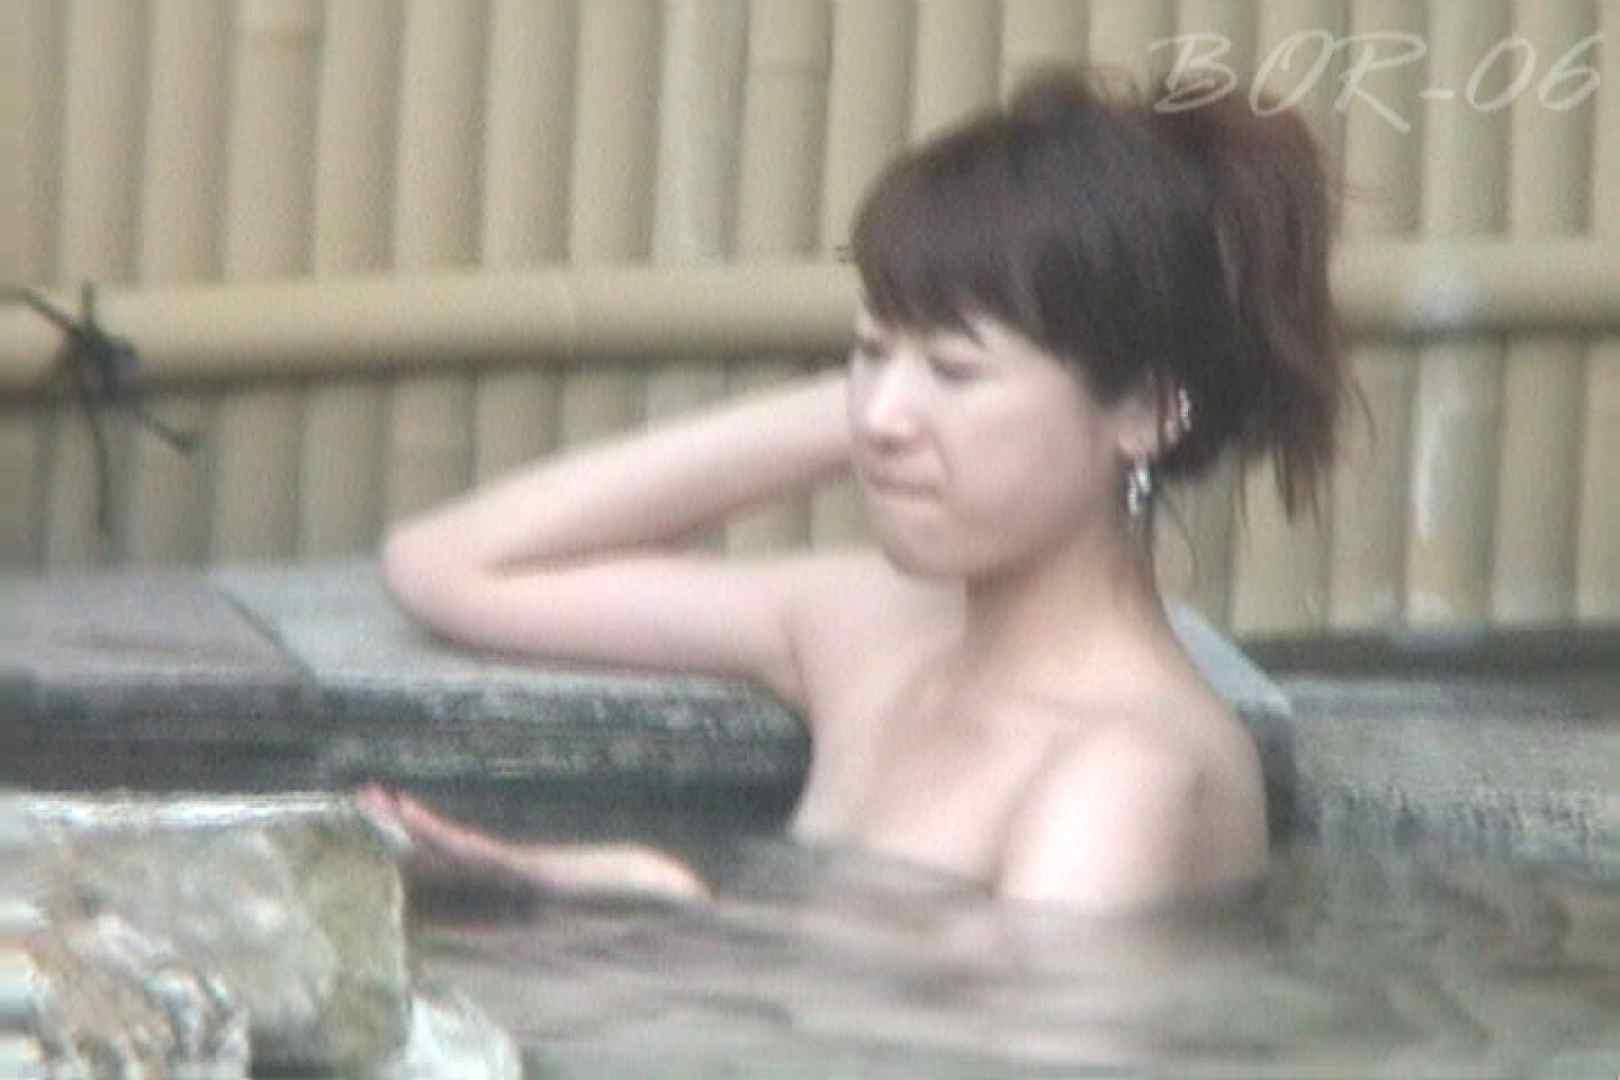 女露天風呂劇場 Vol.16 OLの実態   潜伏露天風呂  35pic 23